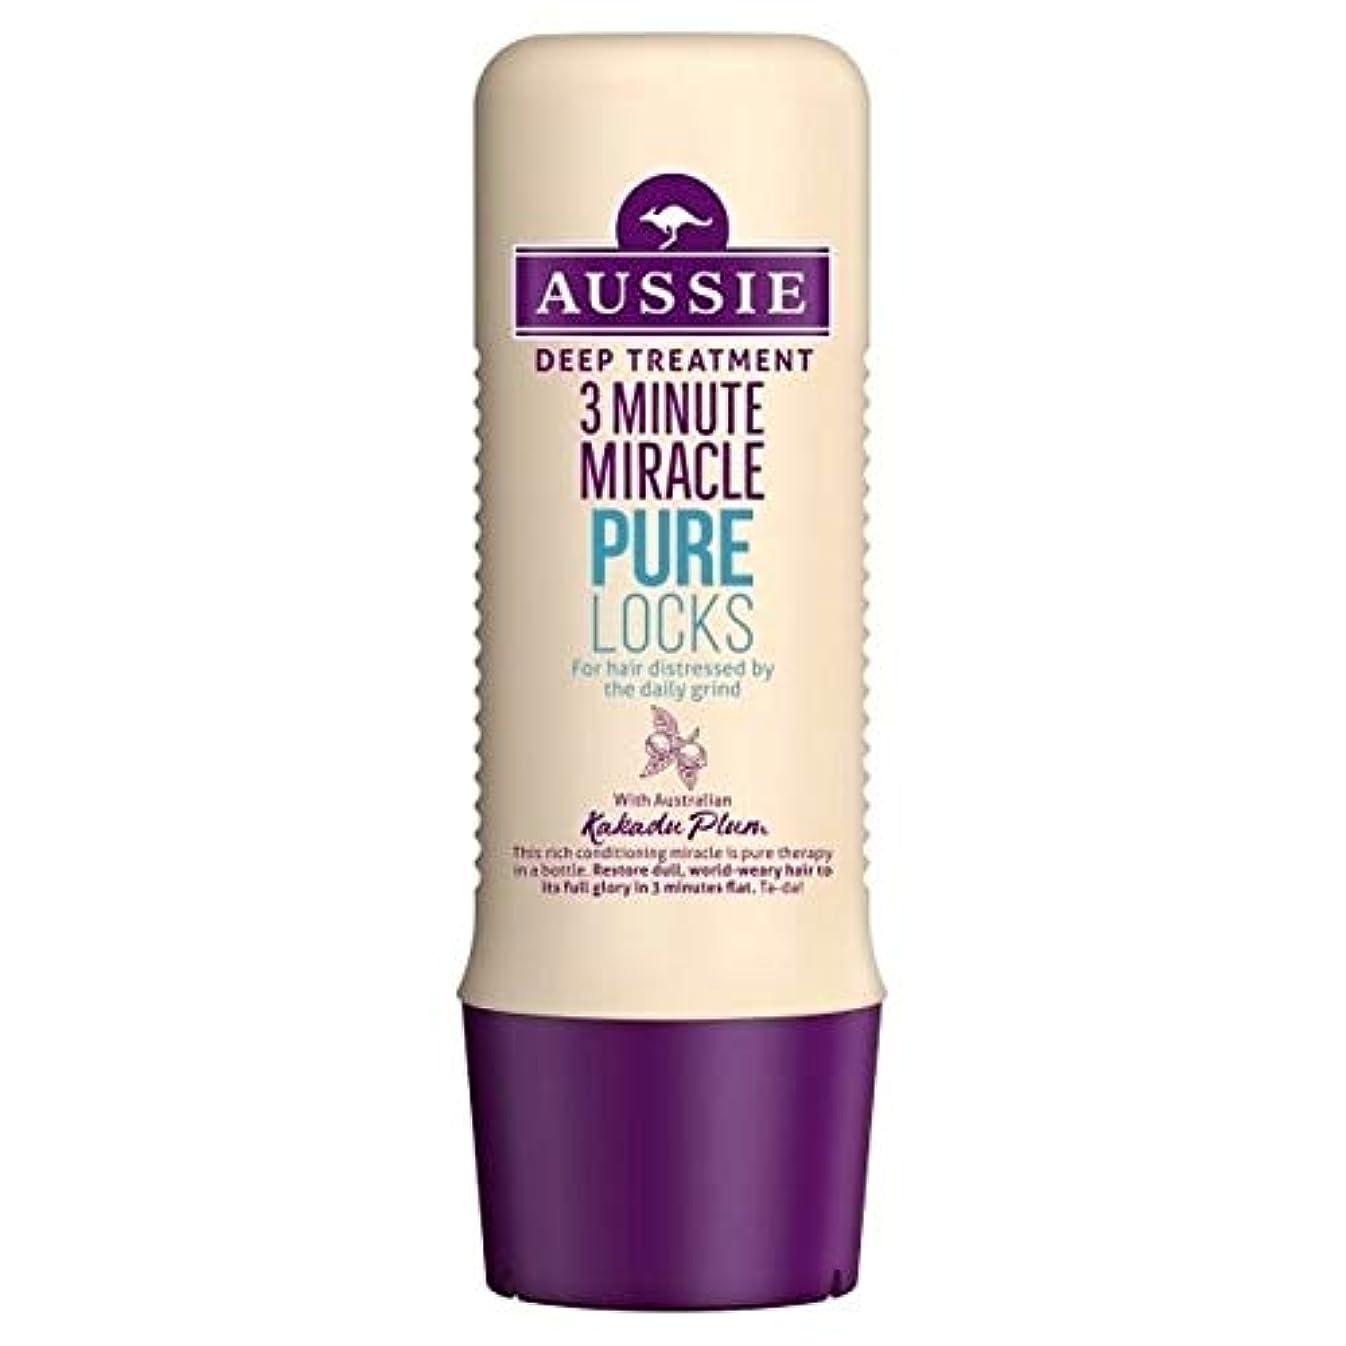 メガロポリス五教会[Aussie ] オーストラリアの純粋なロック3分の奇跡の250ミリリットル - Aussie Pure Locks 3 Minute Miracle 250ml [並行輸入品]